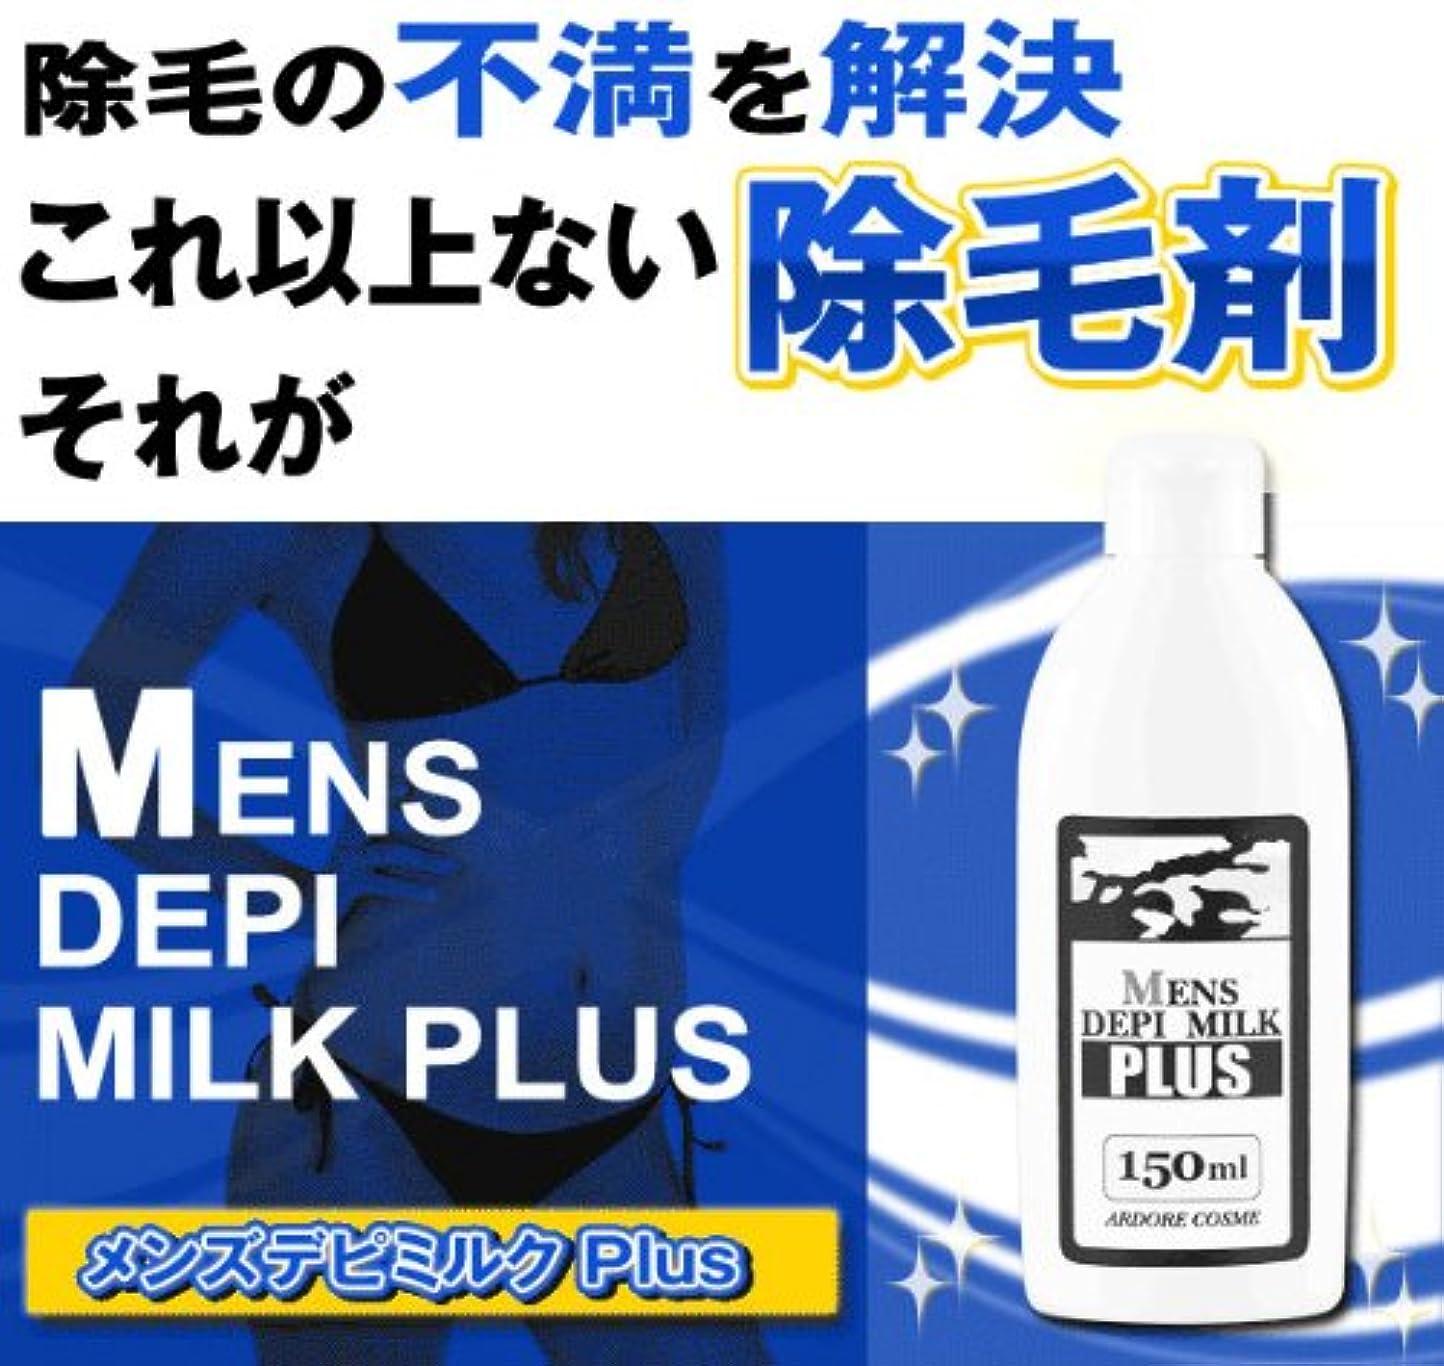 胚勝利販売員薬用メンズデピミルクプラス 150ml(薬用除毛クリーム)医薬部外品